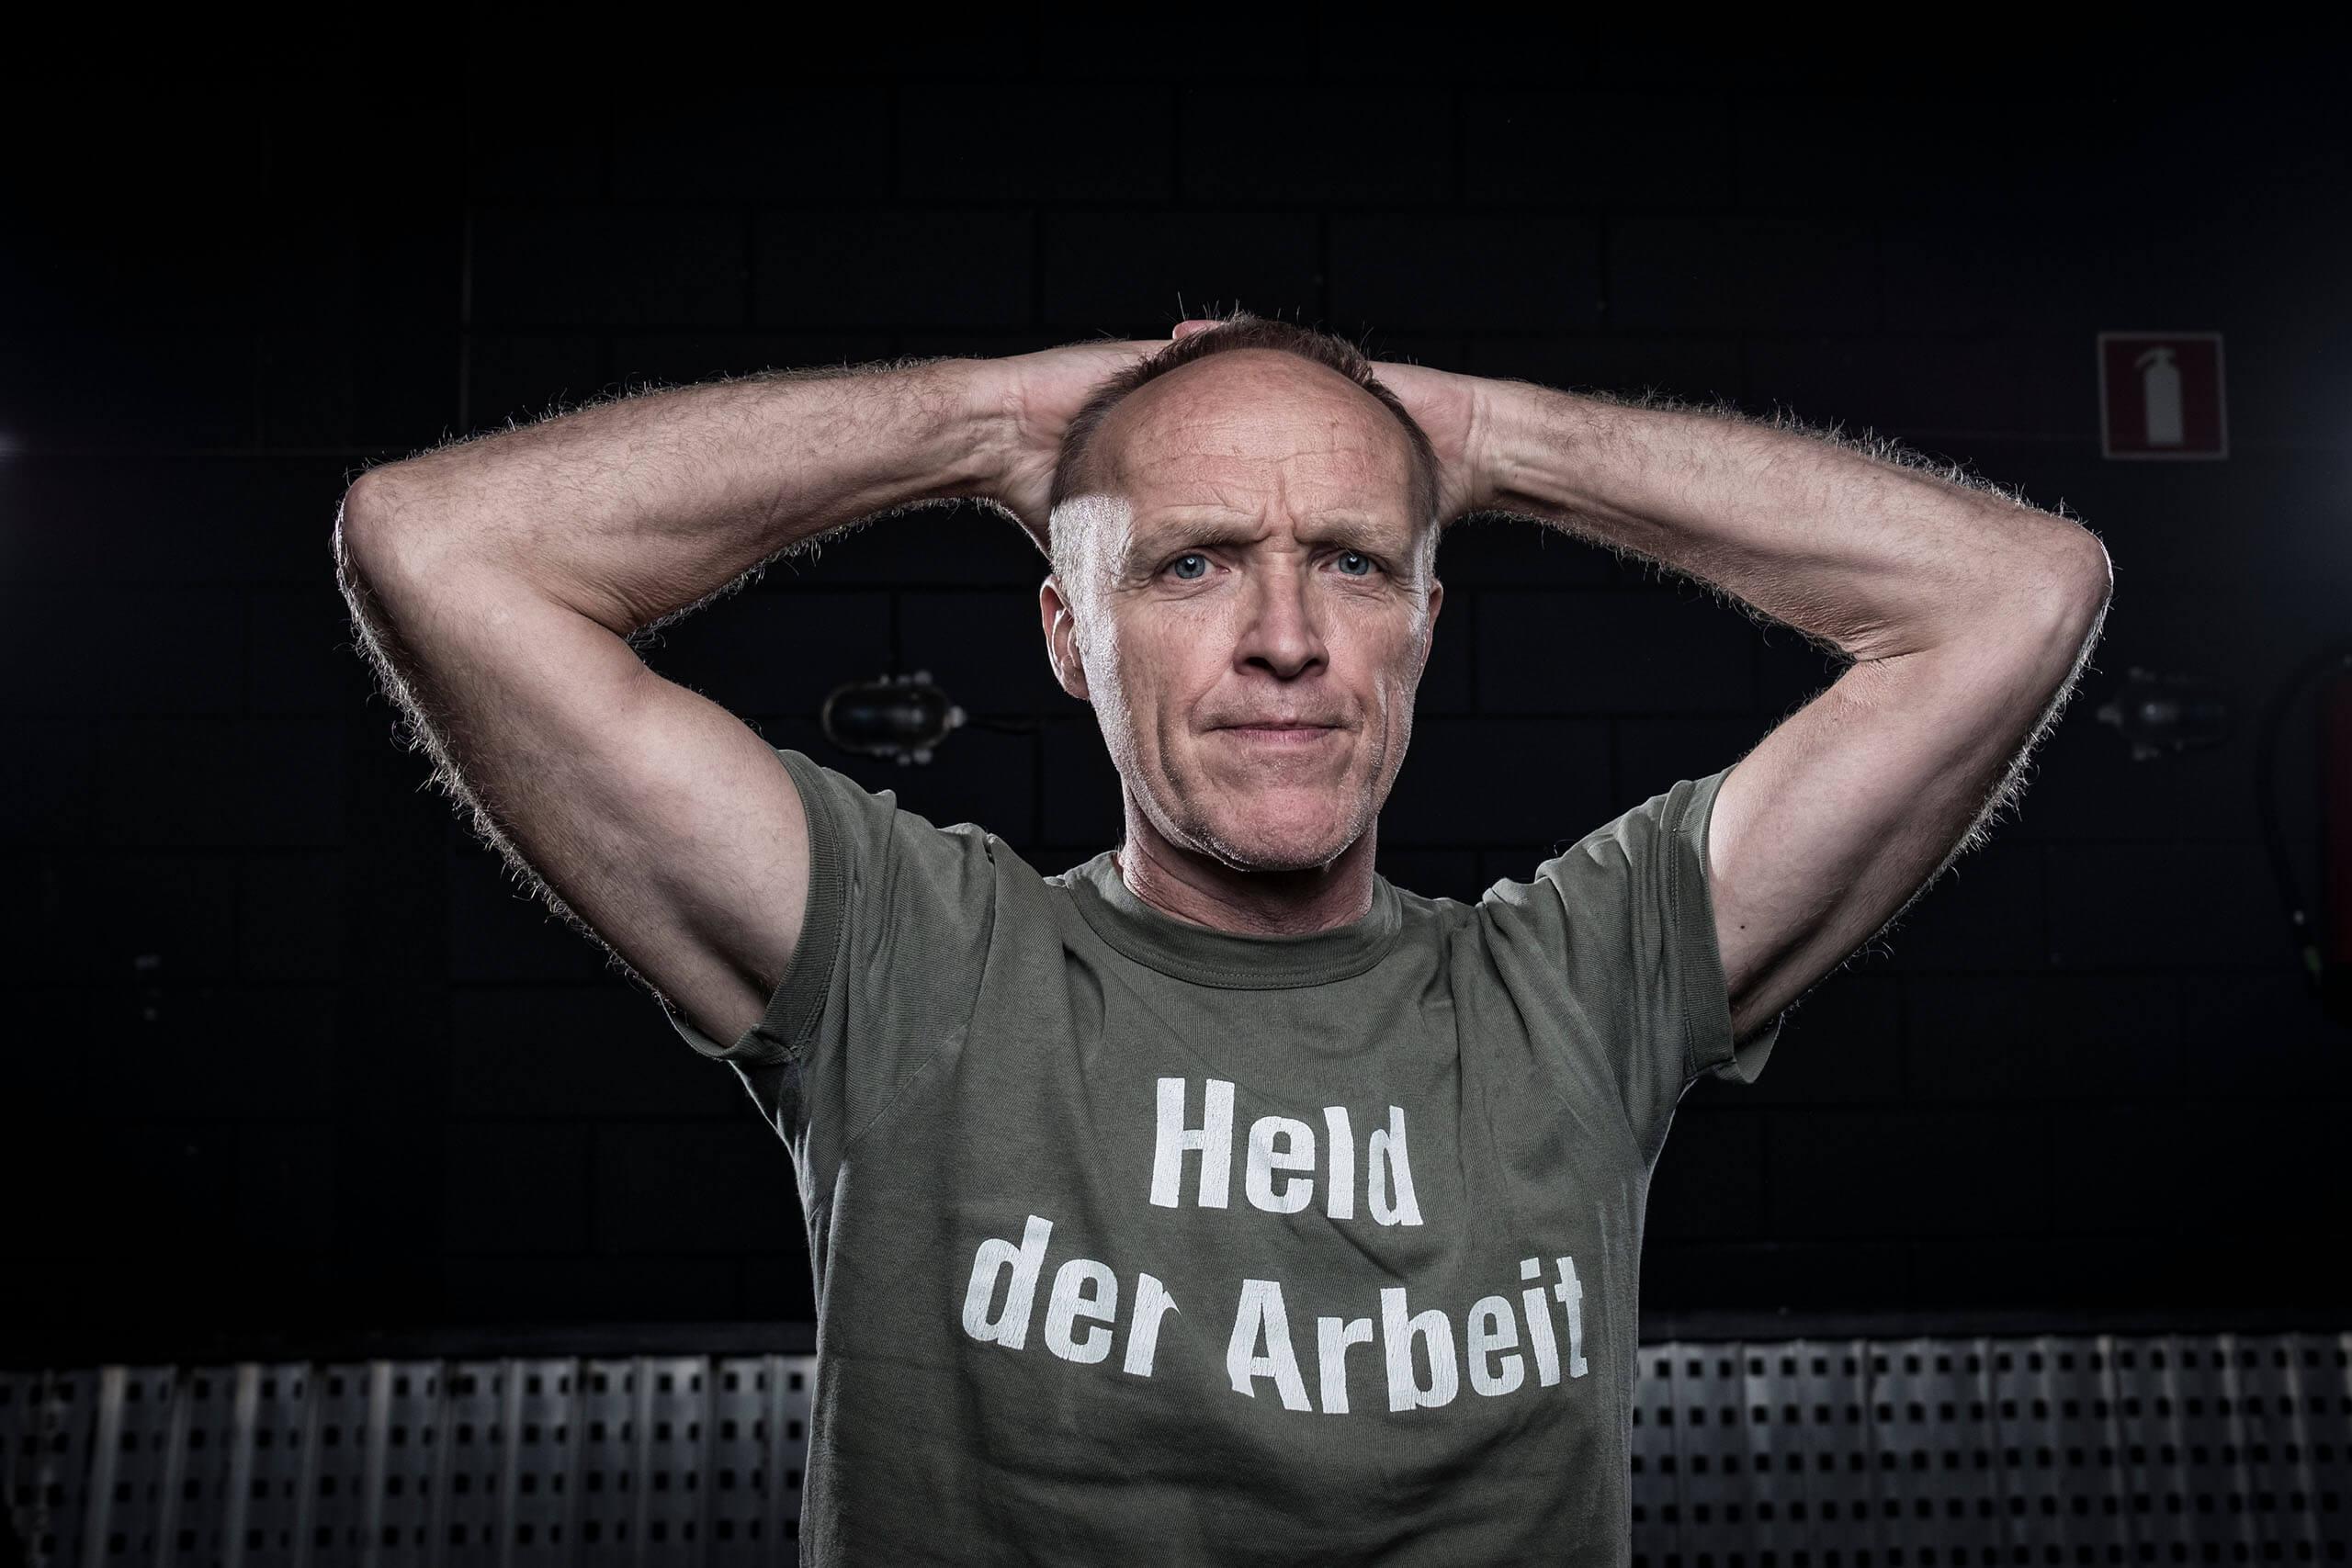 Artiestenfotograaf Overijssel Twente groningen Gelderland